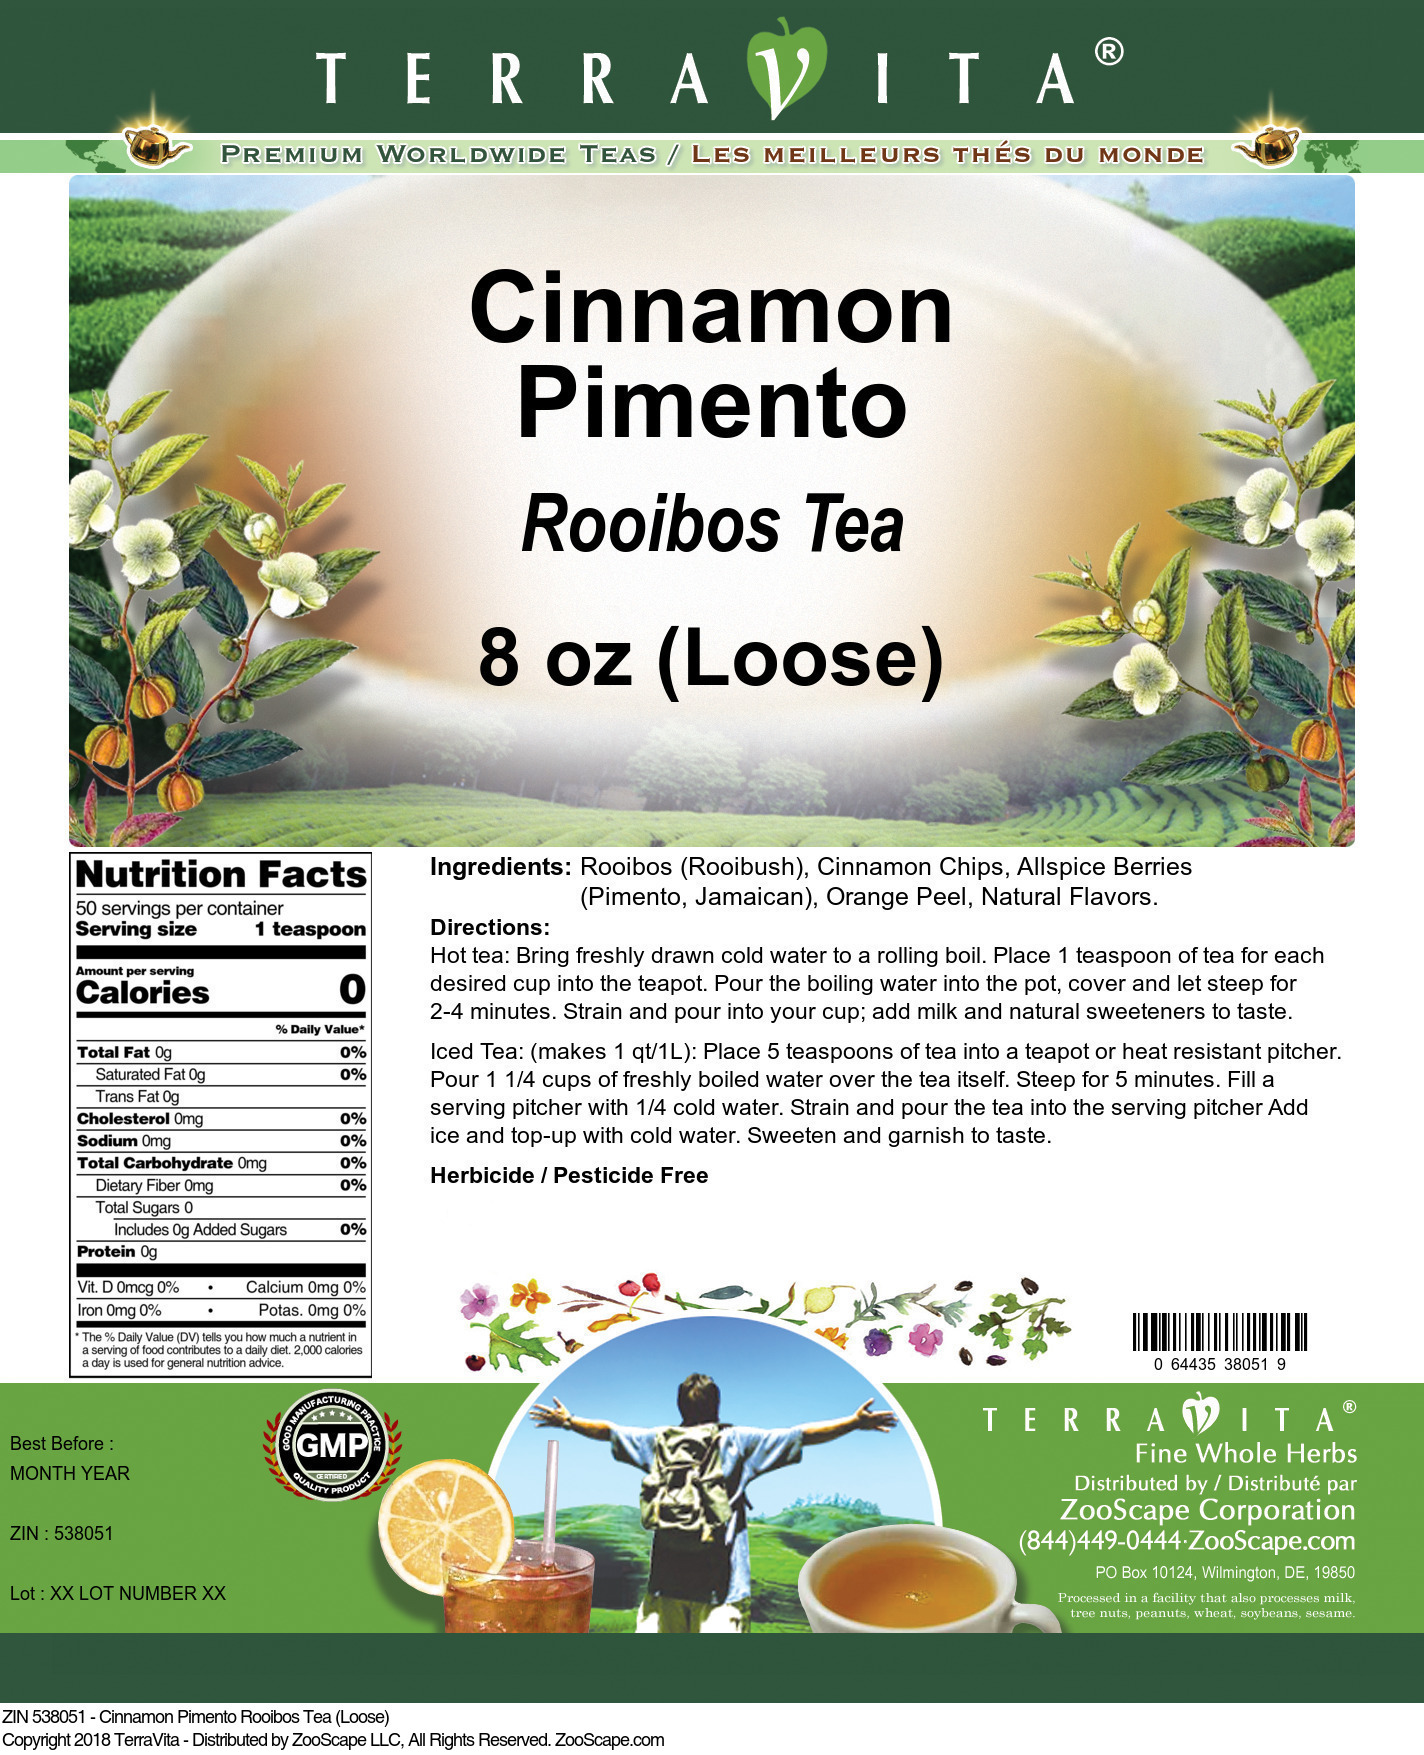 Cinnamon Pimento Rooibos Tea